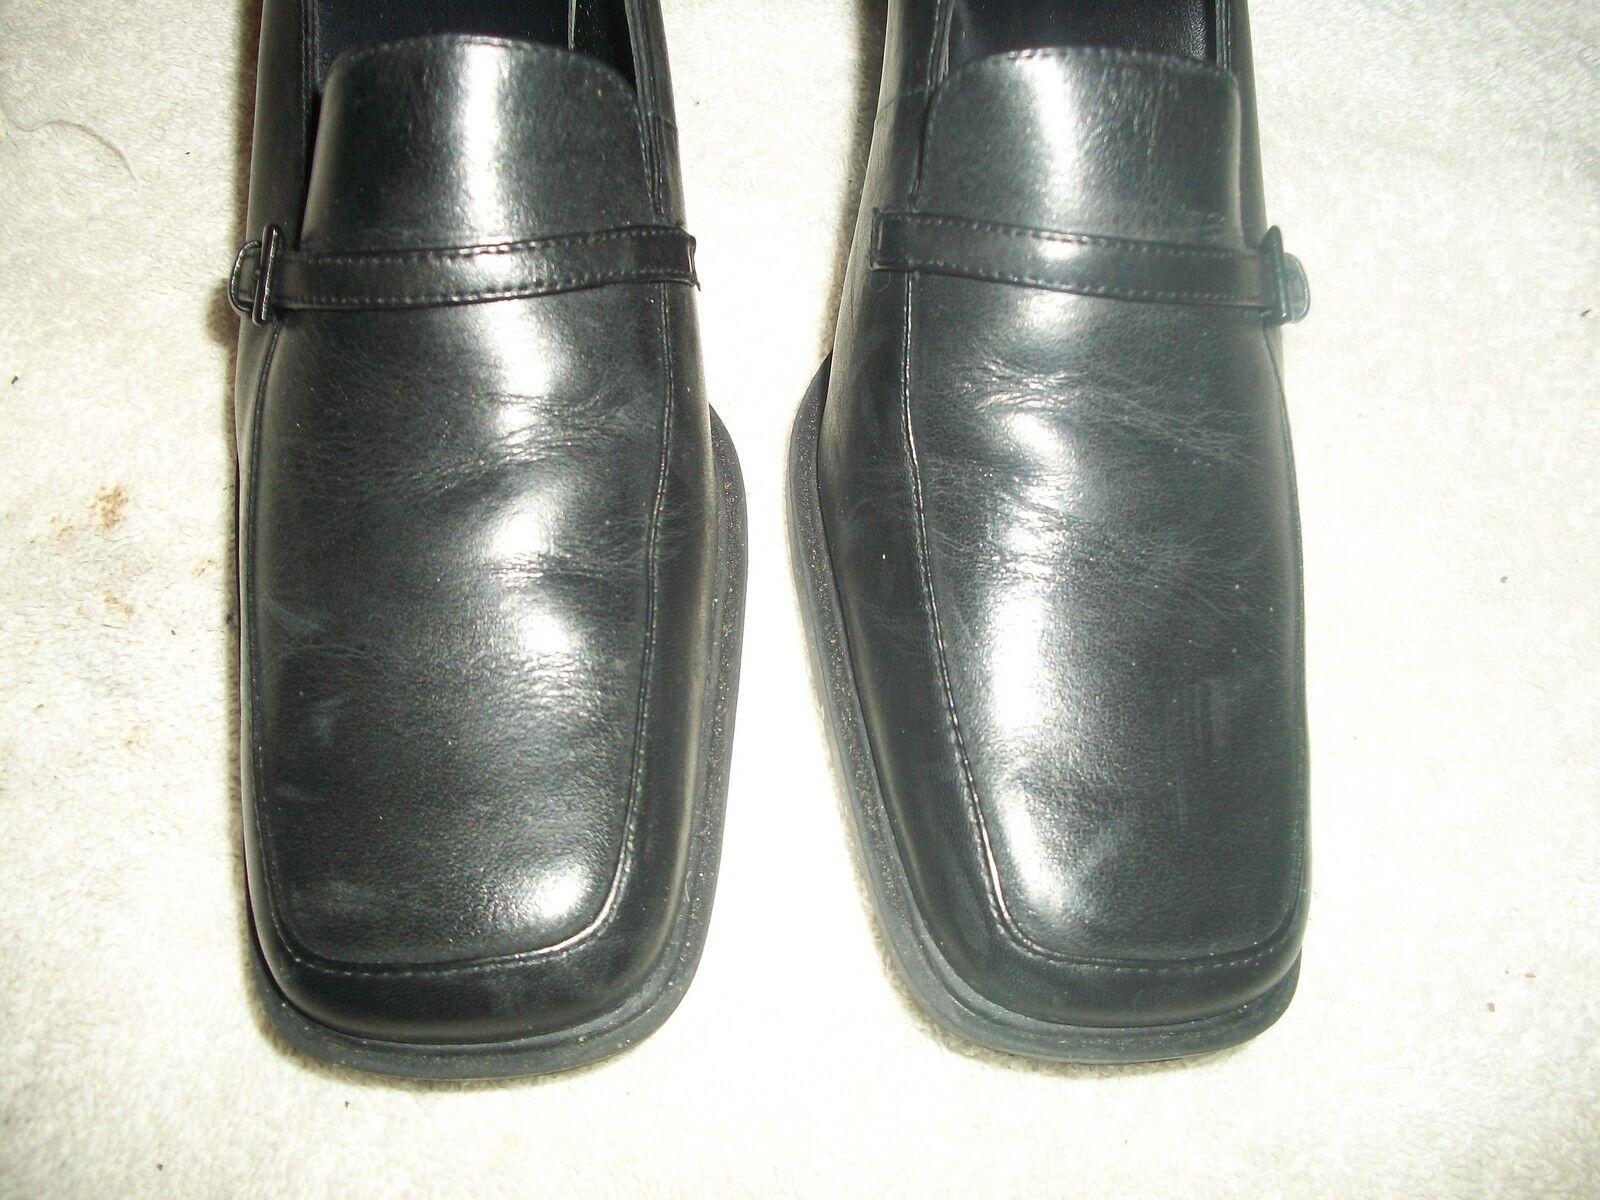 qu'est - ce ce - que mes chaussures à talons de 8 m ministère de cuir noir euc f6f066